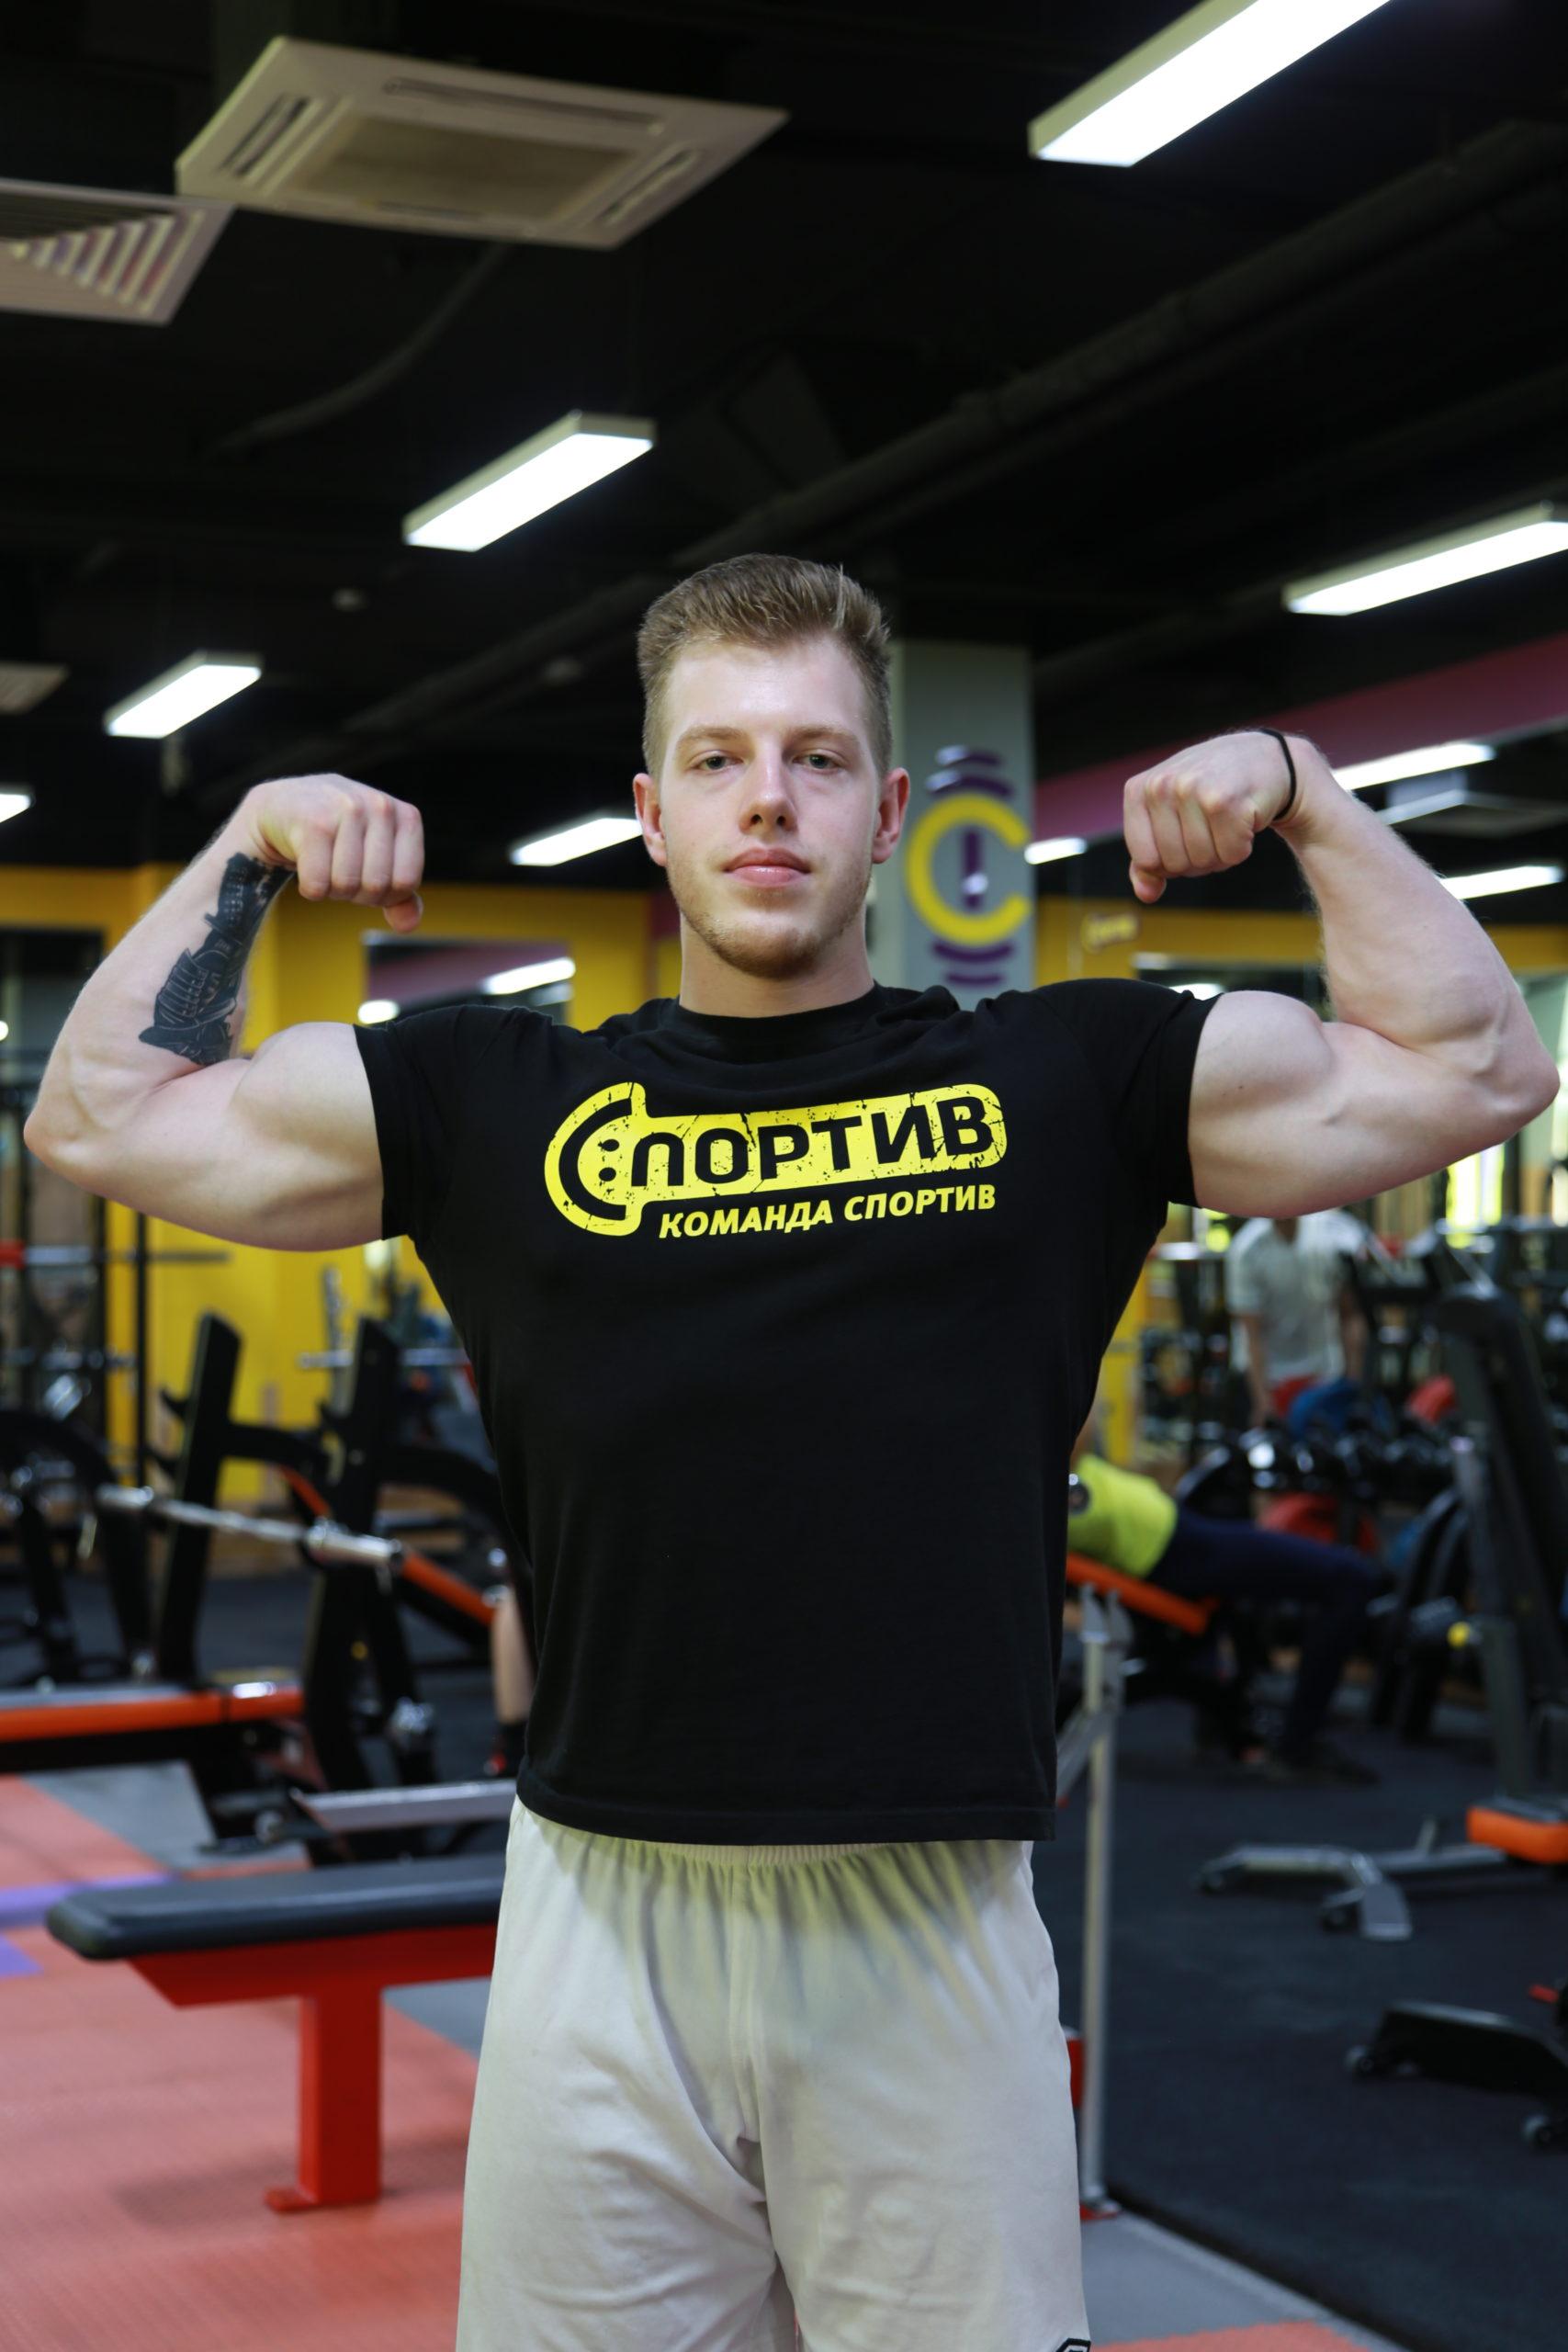 Персональный тренер — Рябов Вячеслав